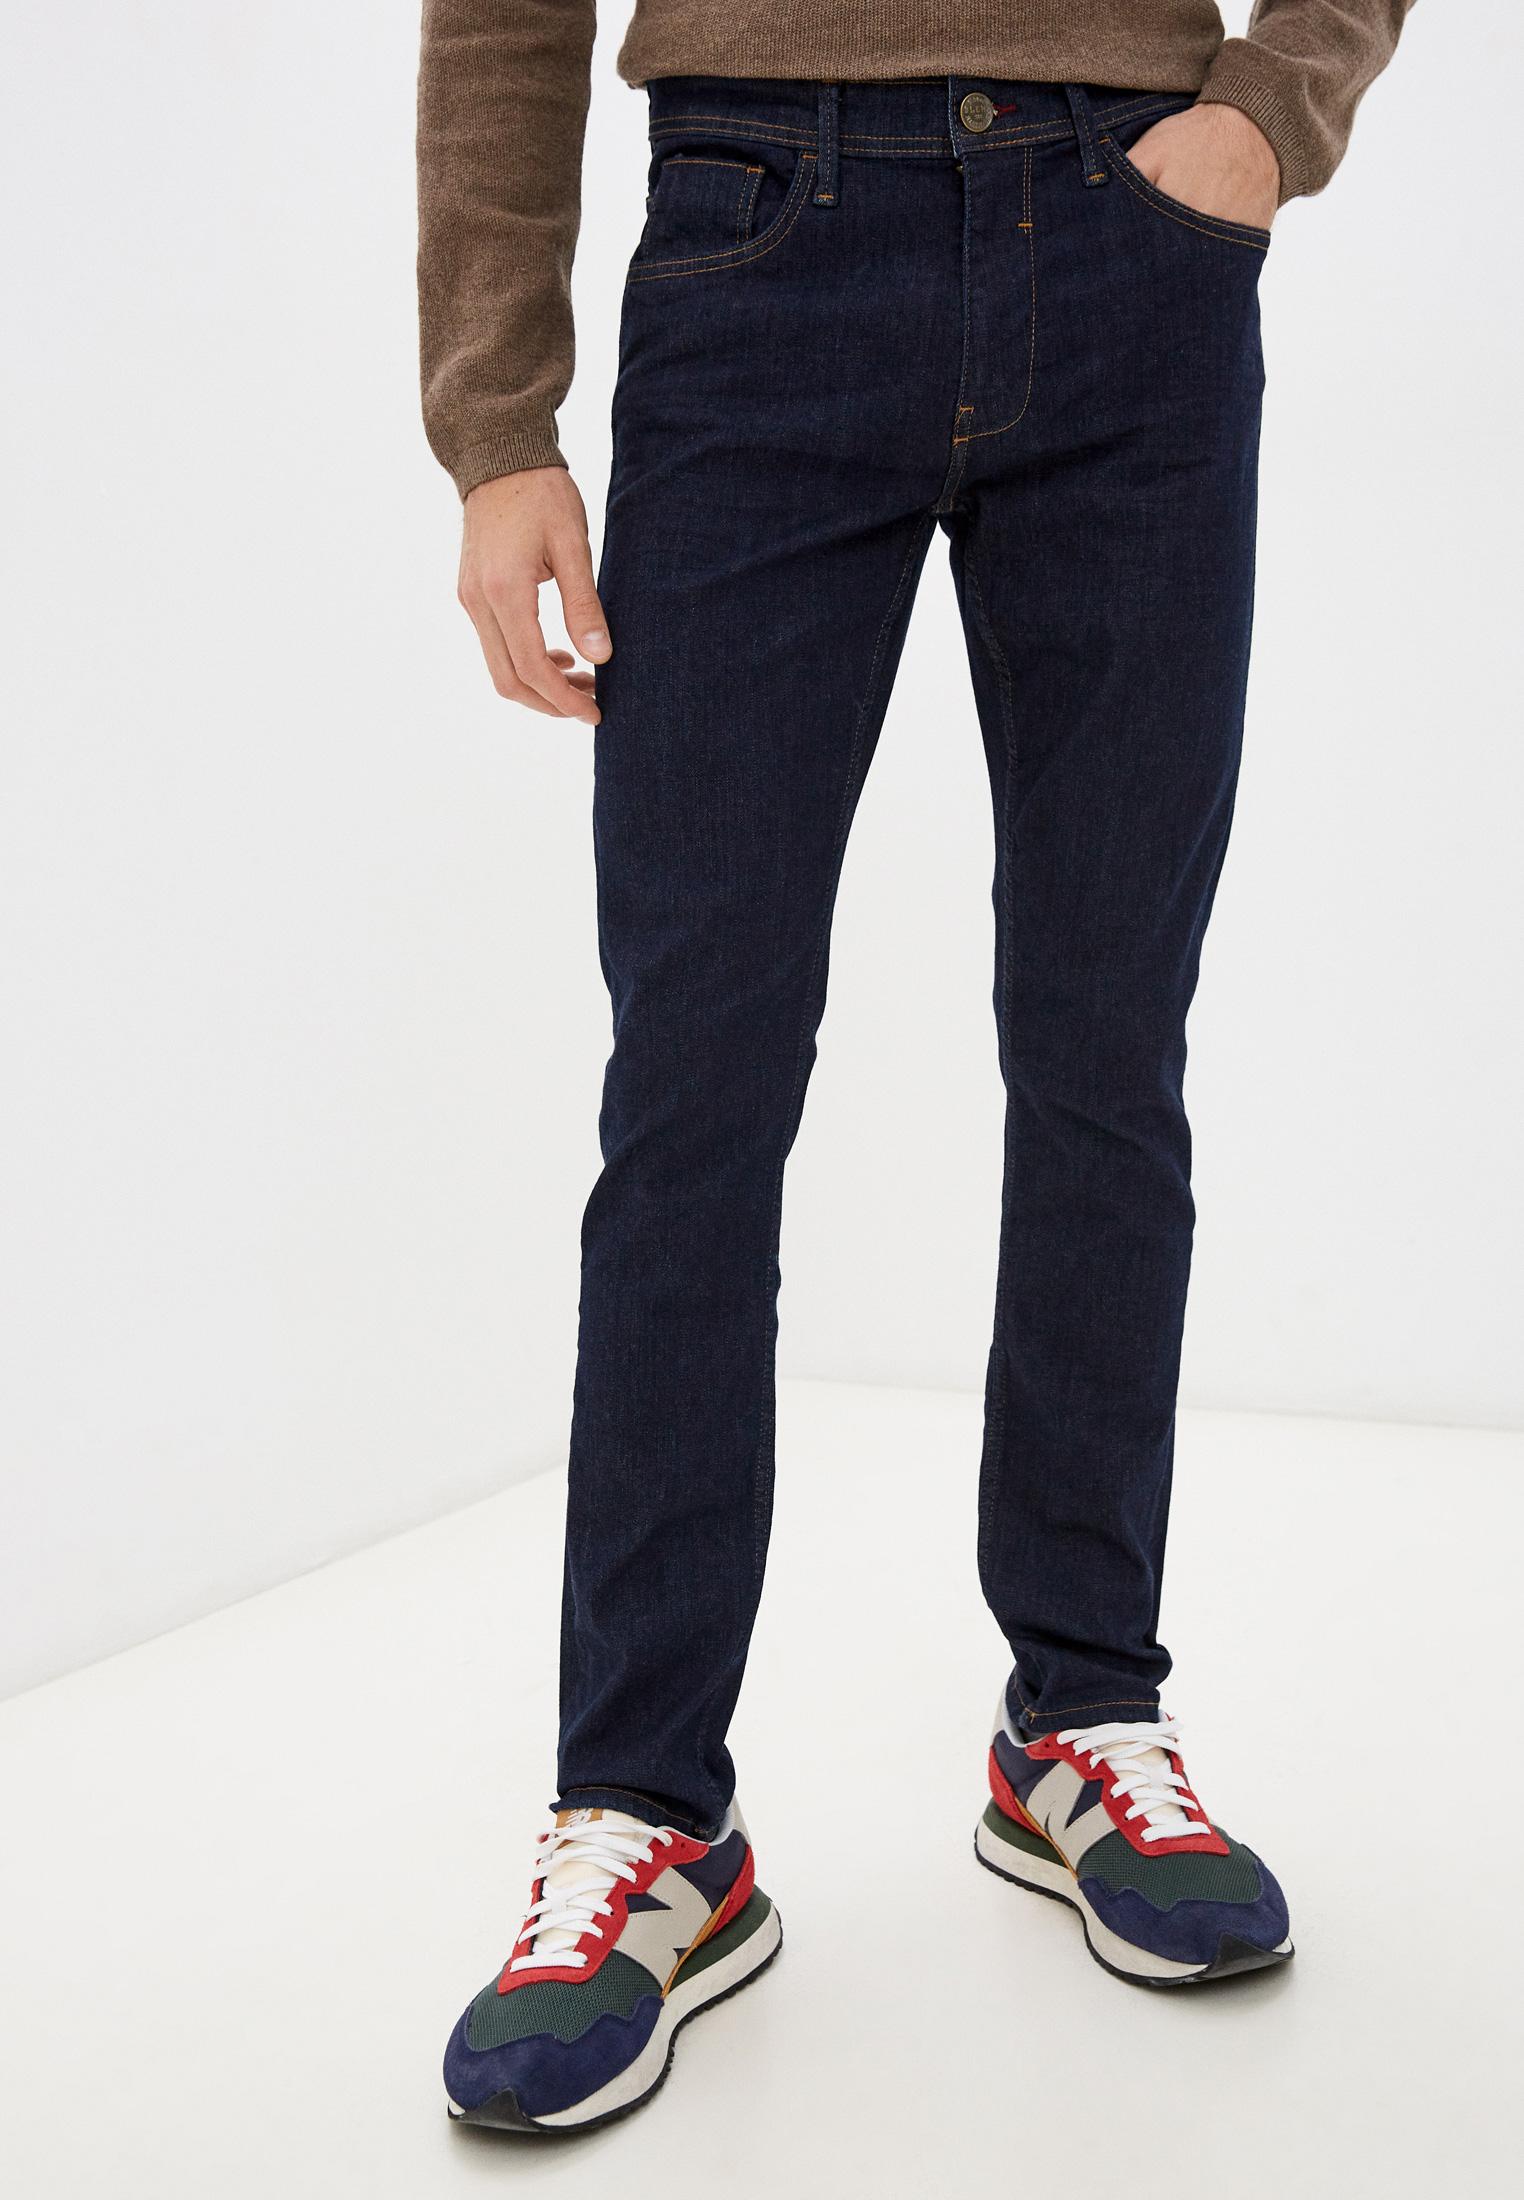 Мужские прямые джинсы Blend (Бленд) Джинсы Blend